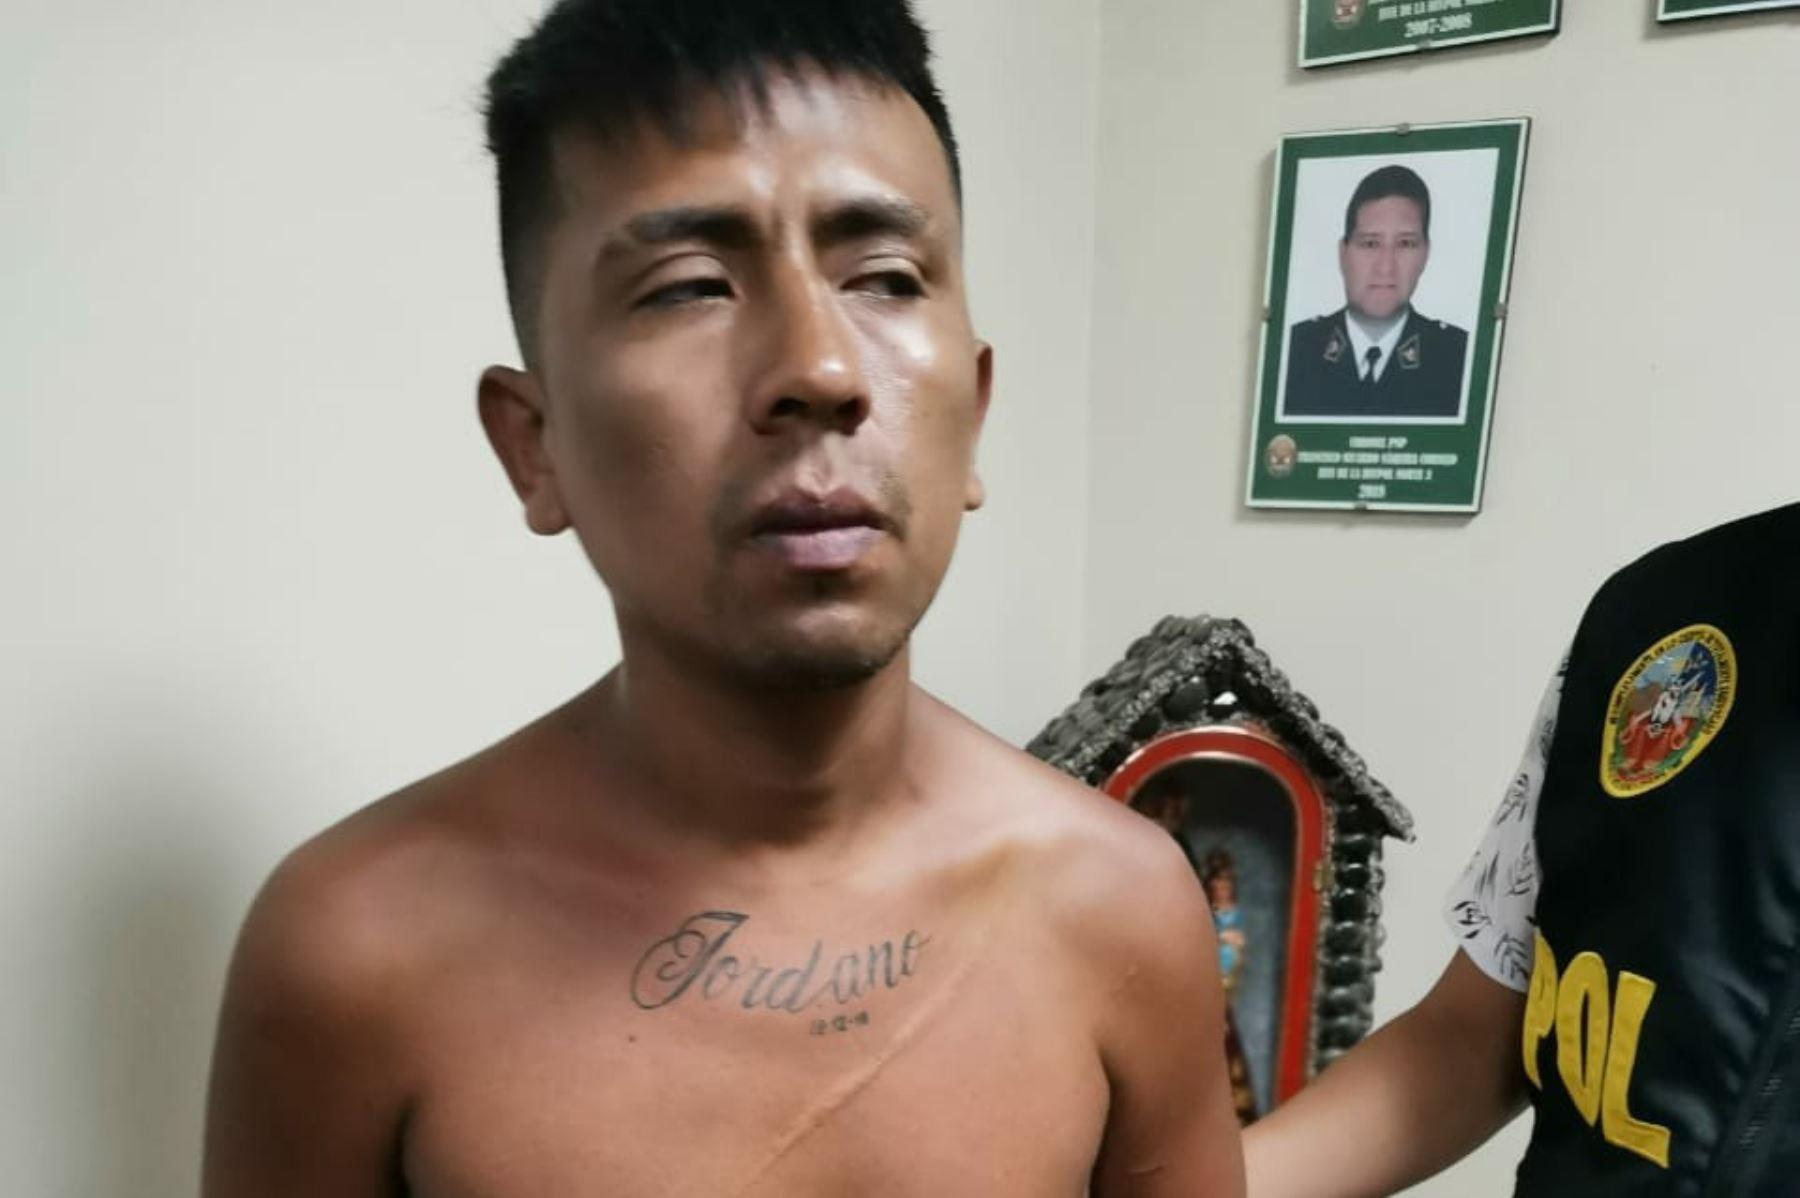 Asaltante de coaster detenido por la Policía. Foto: Twitter